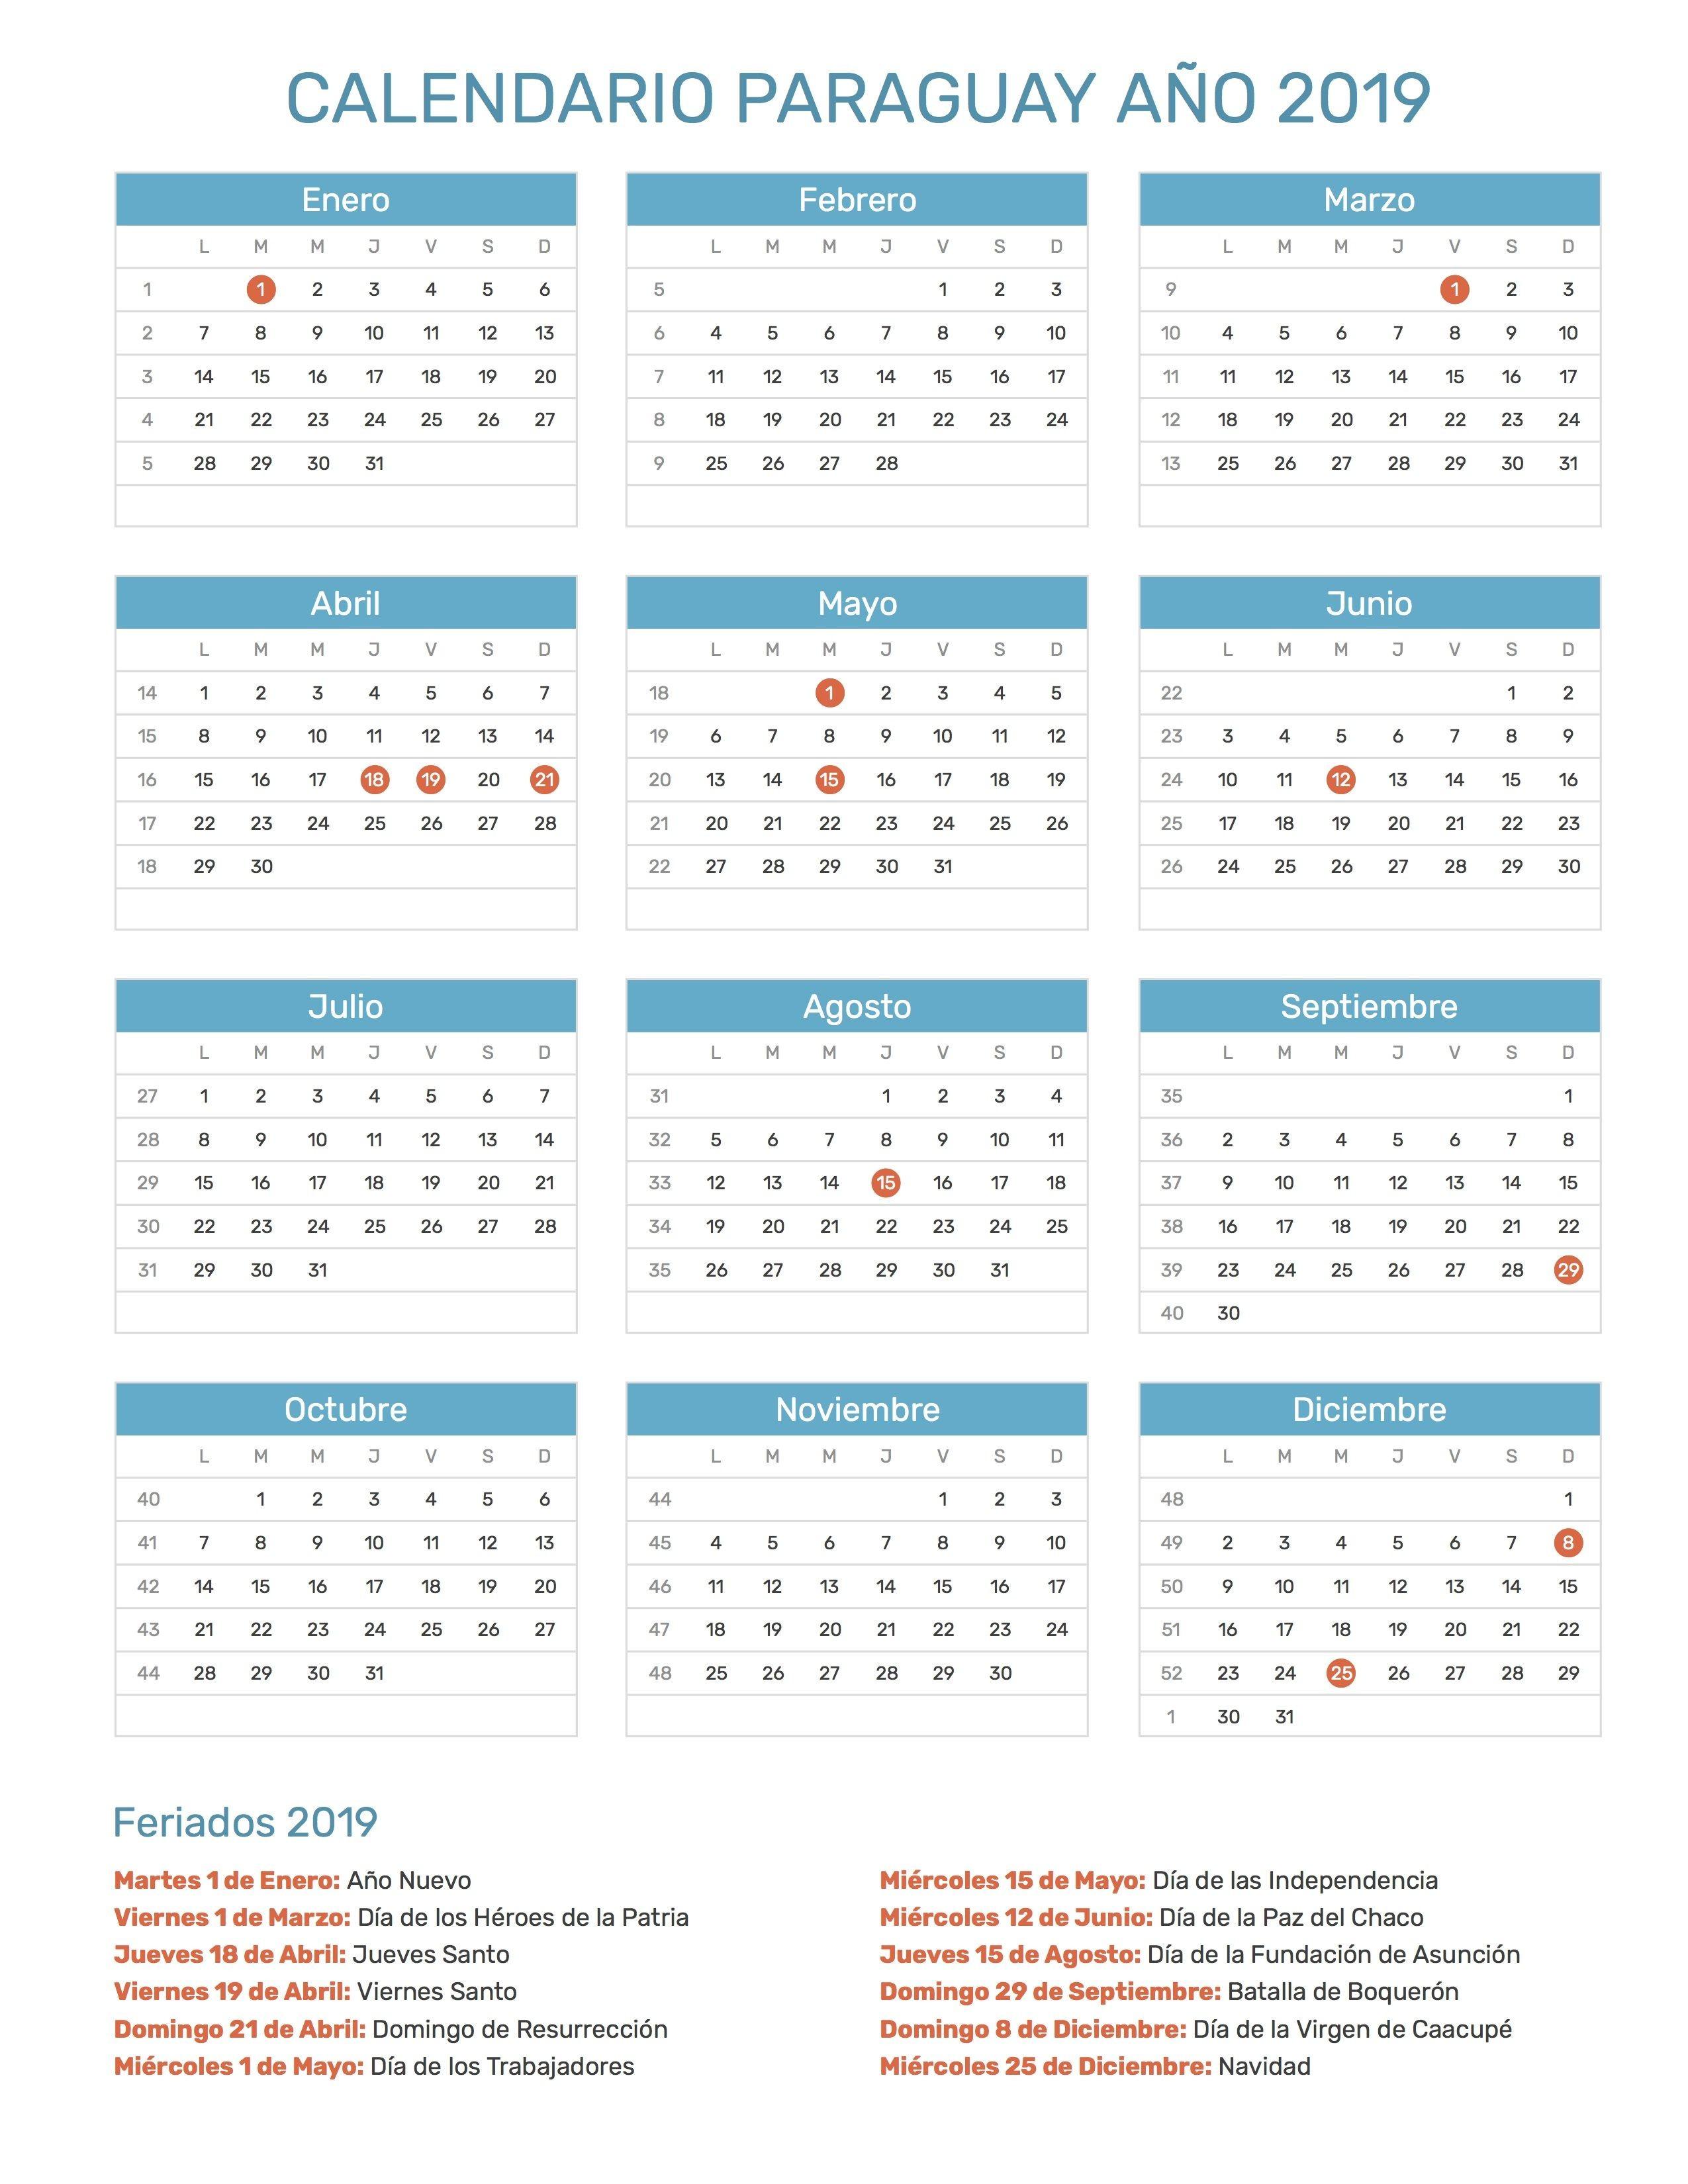 Calendario 2017 En Chile Para Imprimir Mejores Y Más Novedosos Pin by Calendario Hispano On Calendario Con Feriados A±o 2019 Of Calendario 2017 En Chile Para Imprimir Actual Calendario Dezembro 2018 Para Imprimir Pdf